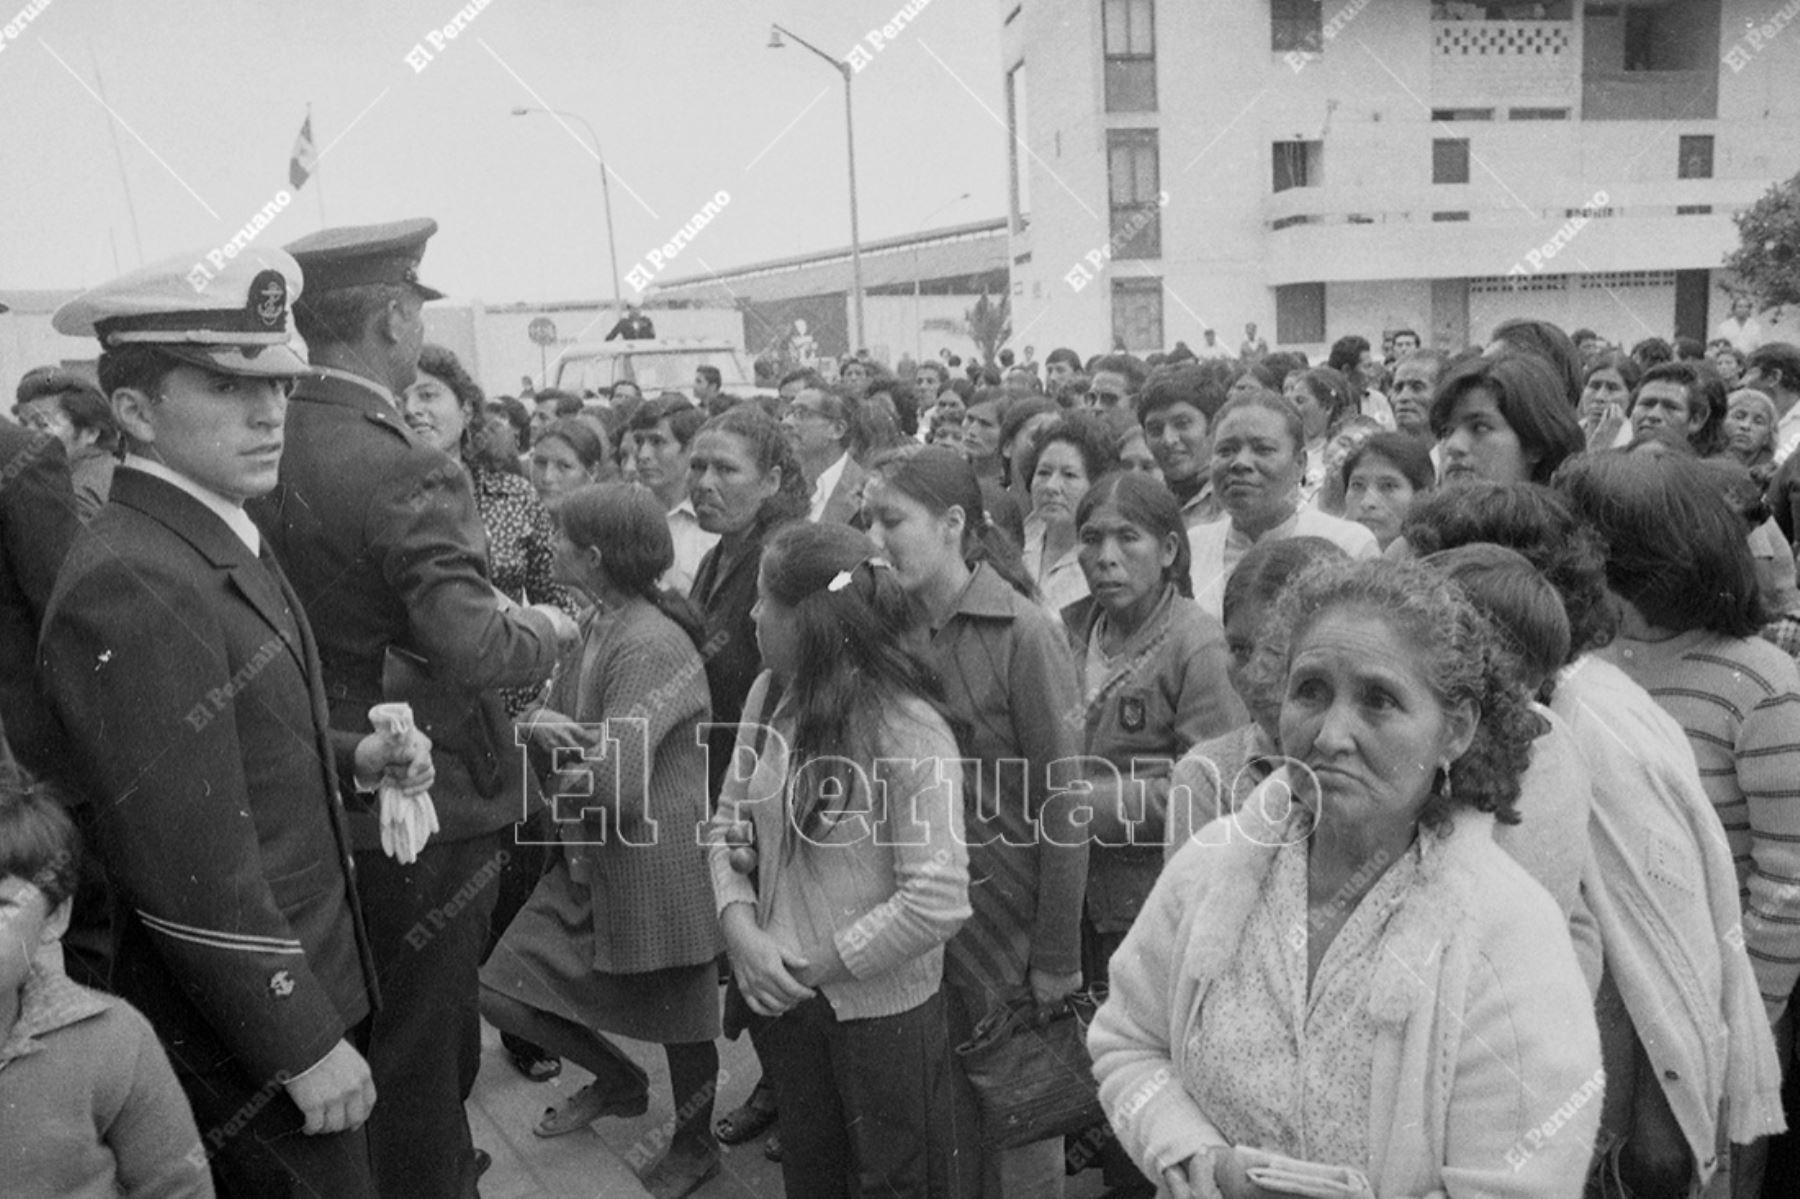 Lima - 18 mayo de 1980  /  Masiva fue la participación de las mujeres para elegir para elegir al nuevo presidente de la República y a los representantes para el Congreso. Foto: Archivo Histórico de El Peruano / Rómulo Lúján